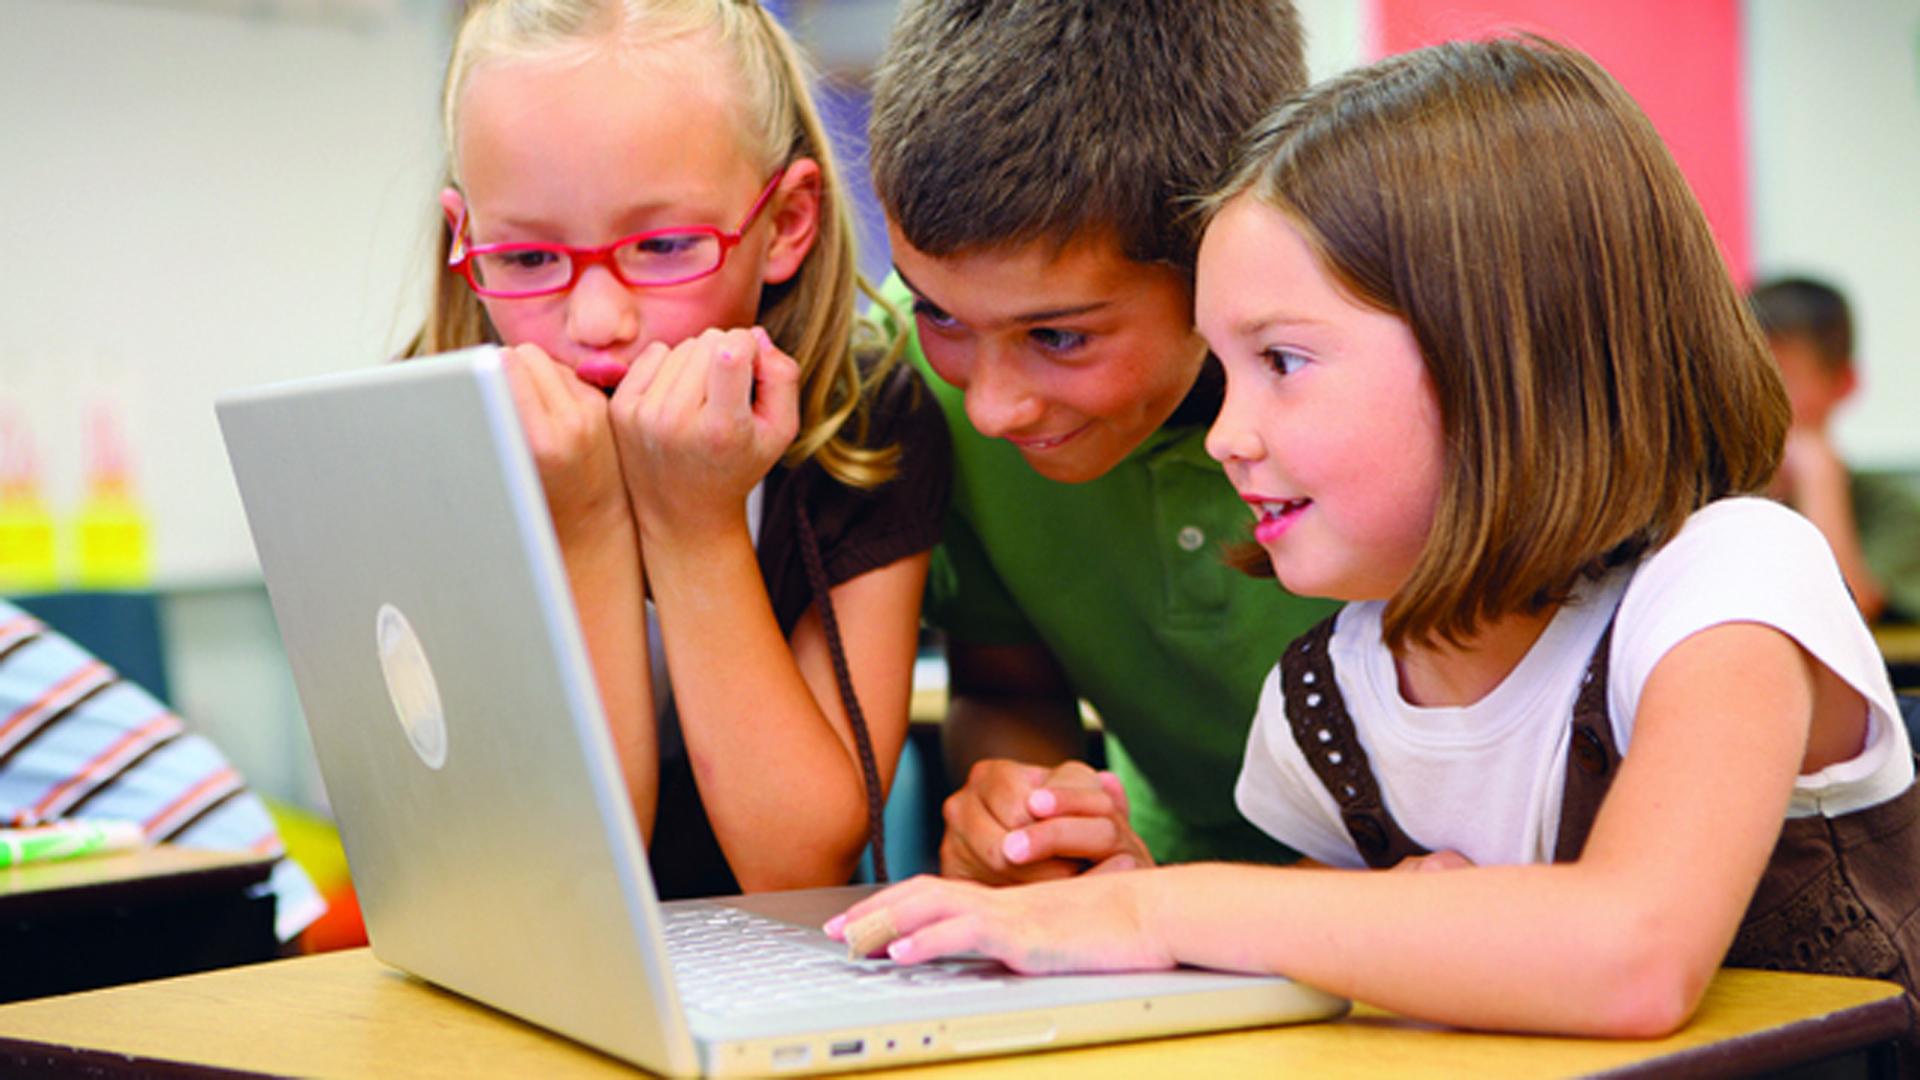 Trotz Digitalisierung spielen Kinder nach wie vor gerne draußen. Doch: Je älter die Kinder sind, desto wichtiger werden Medien wie Handy und Computer